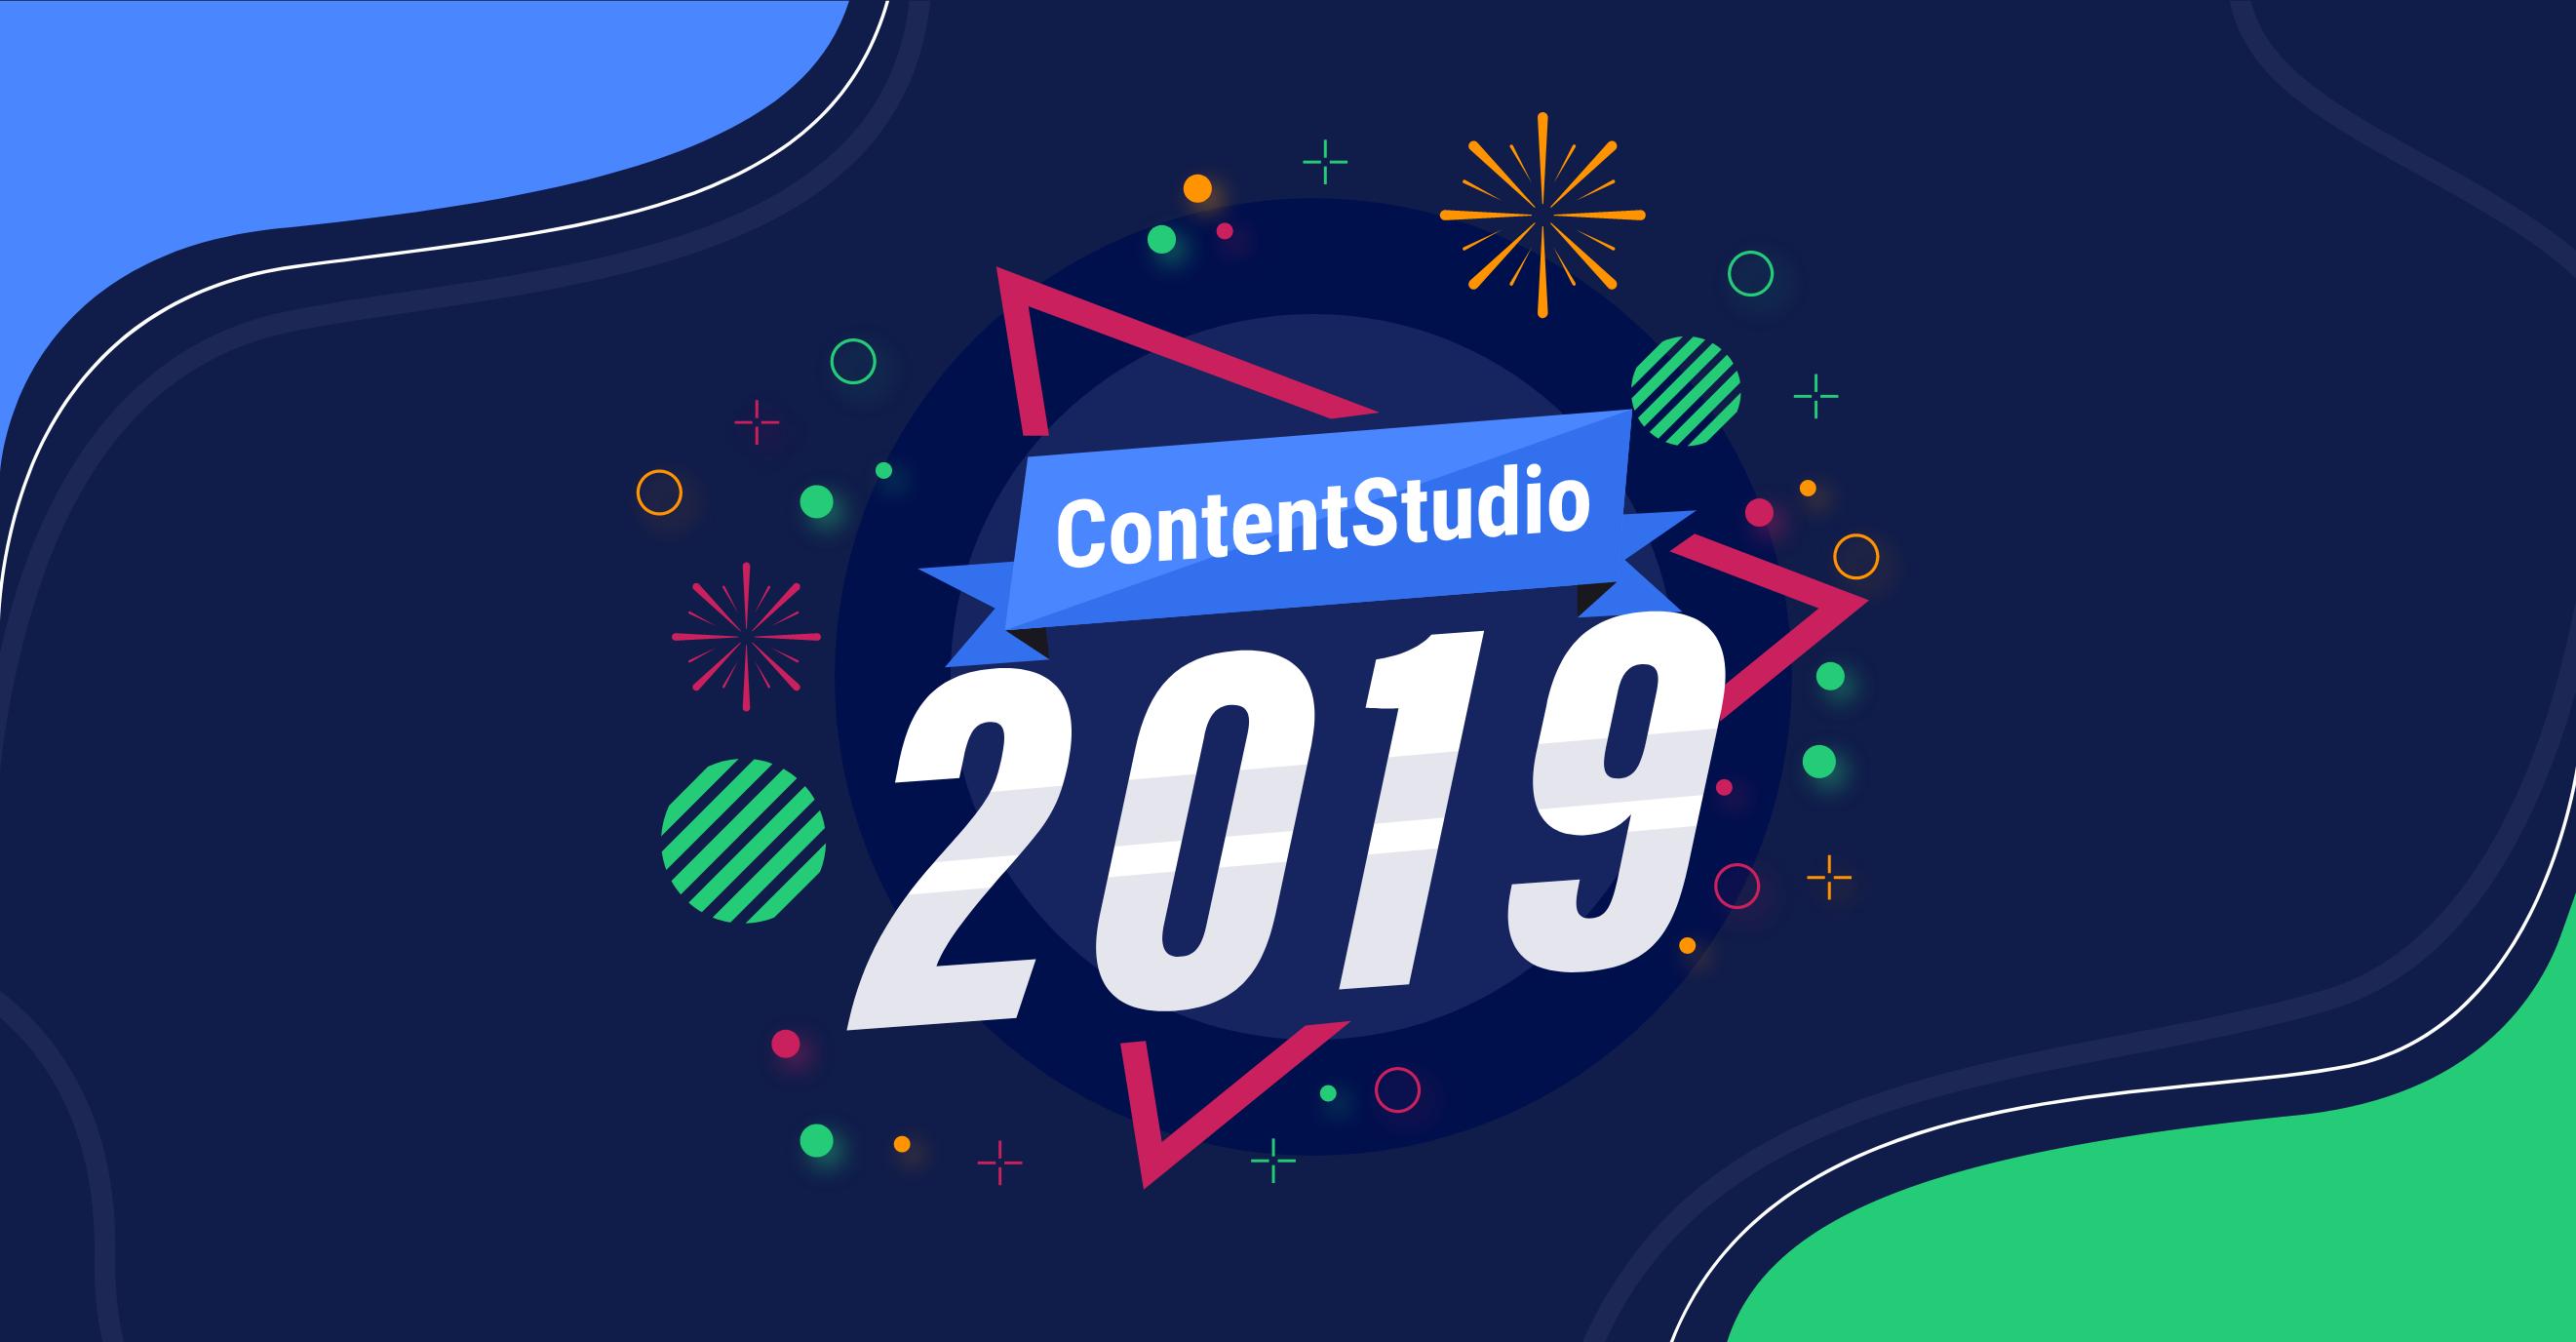 ContentStudio in 2019